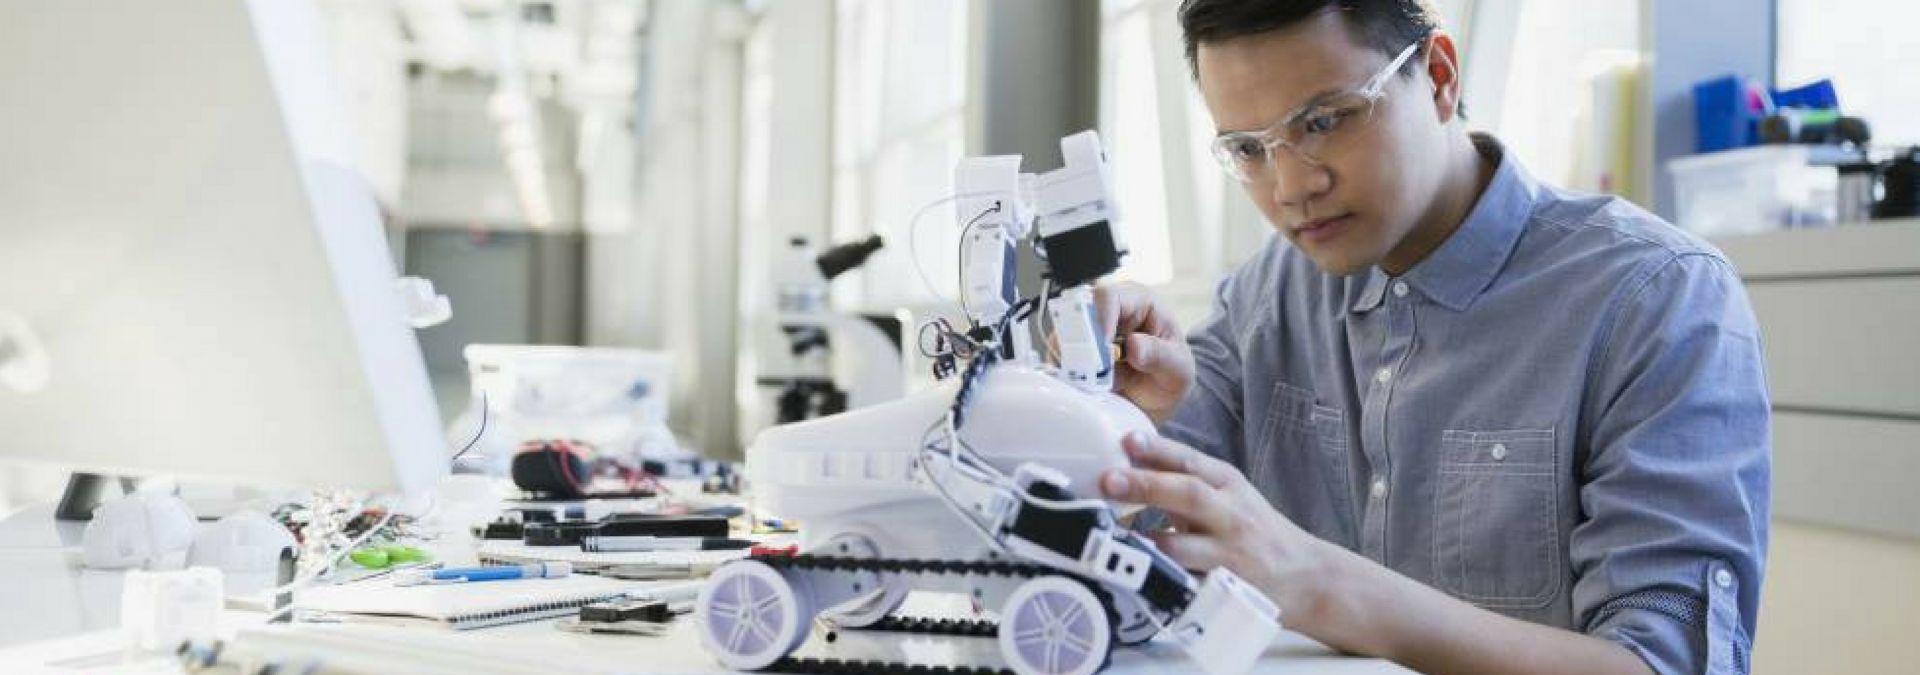 trabajos profesiones del futuro, robots